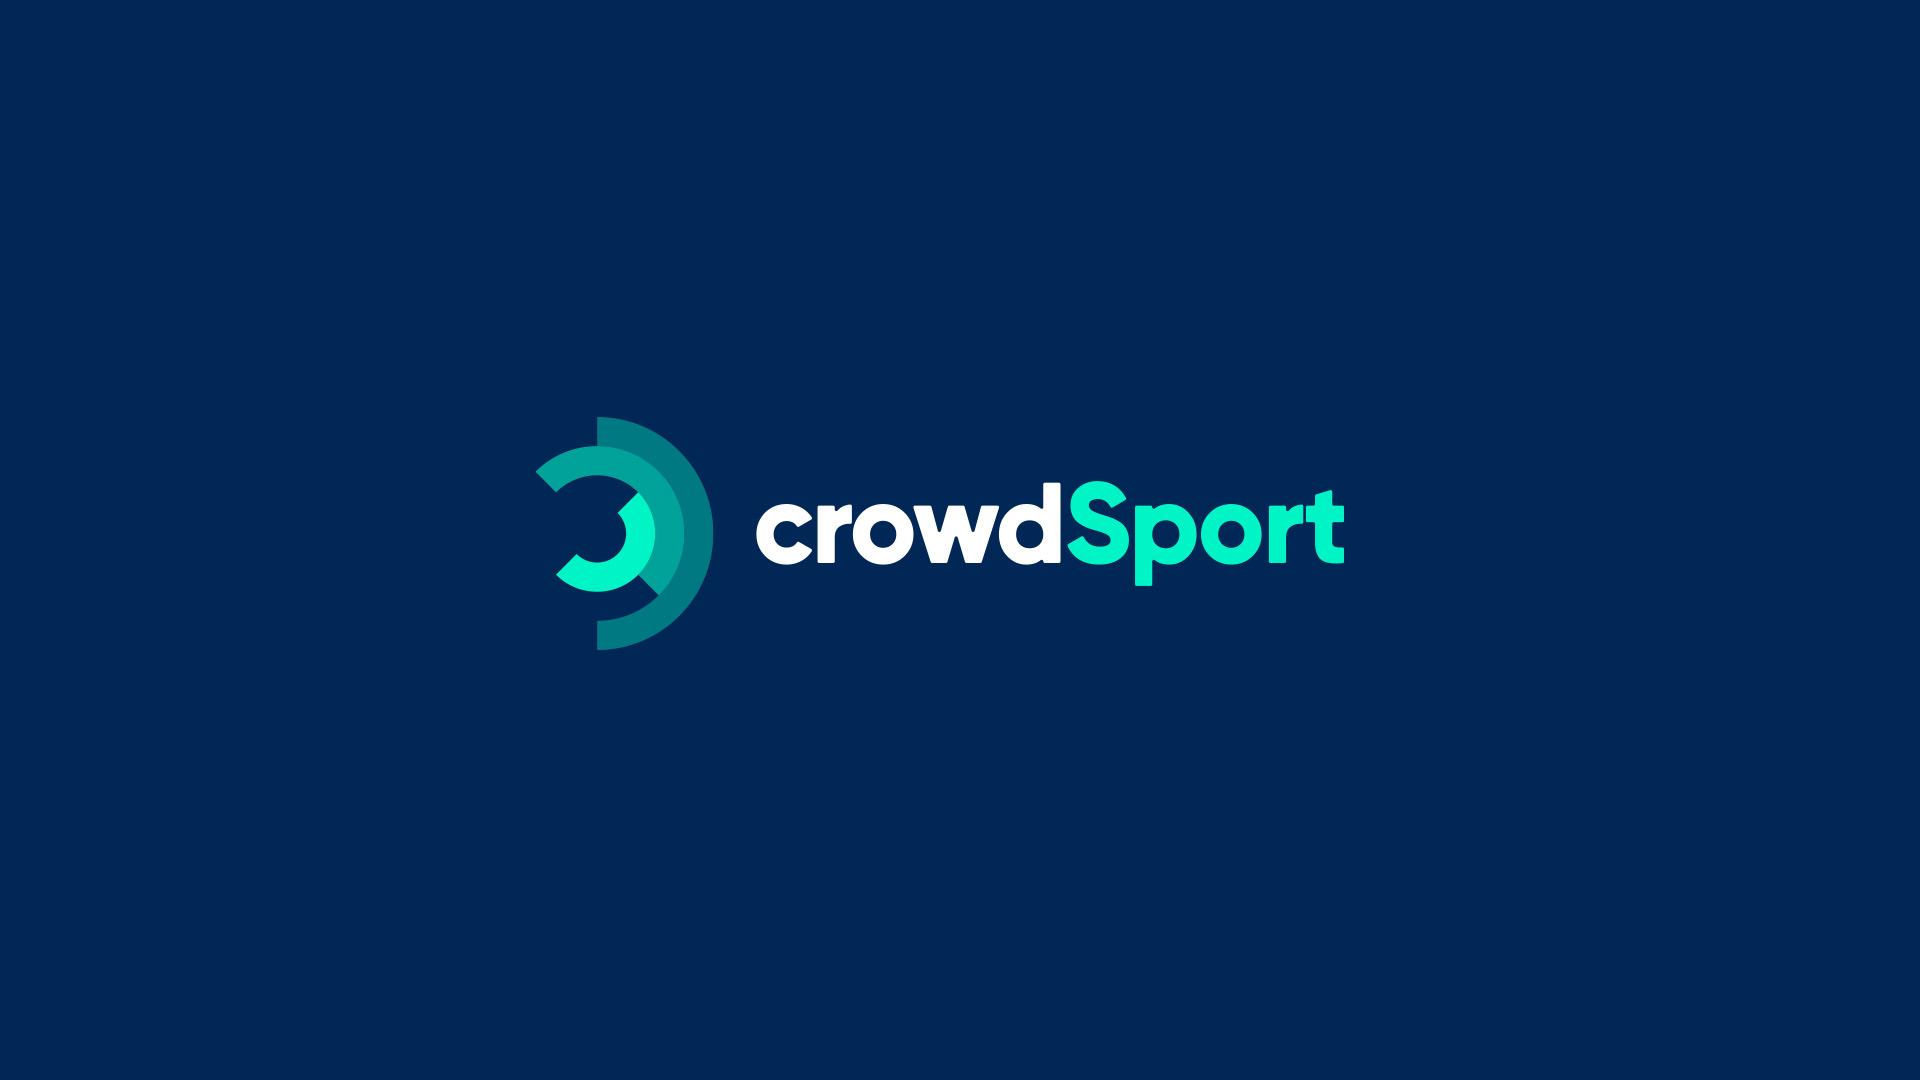 Diseño marca e identidad corporativa Crowd Sport - Marca principal